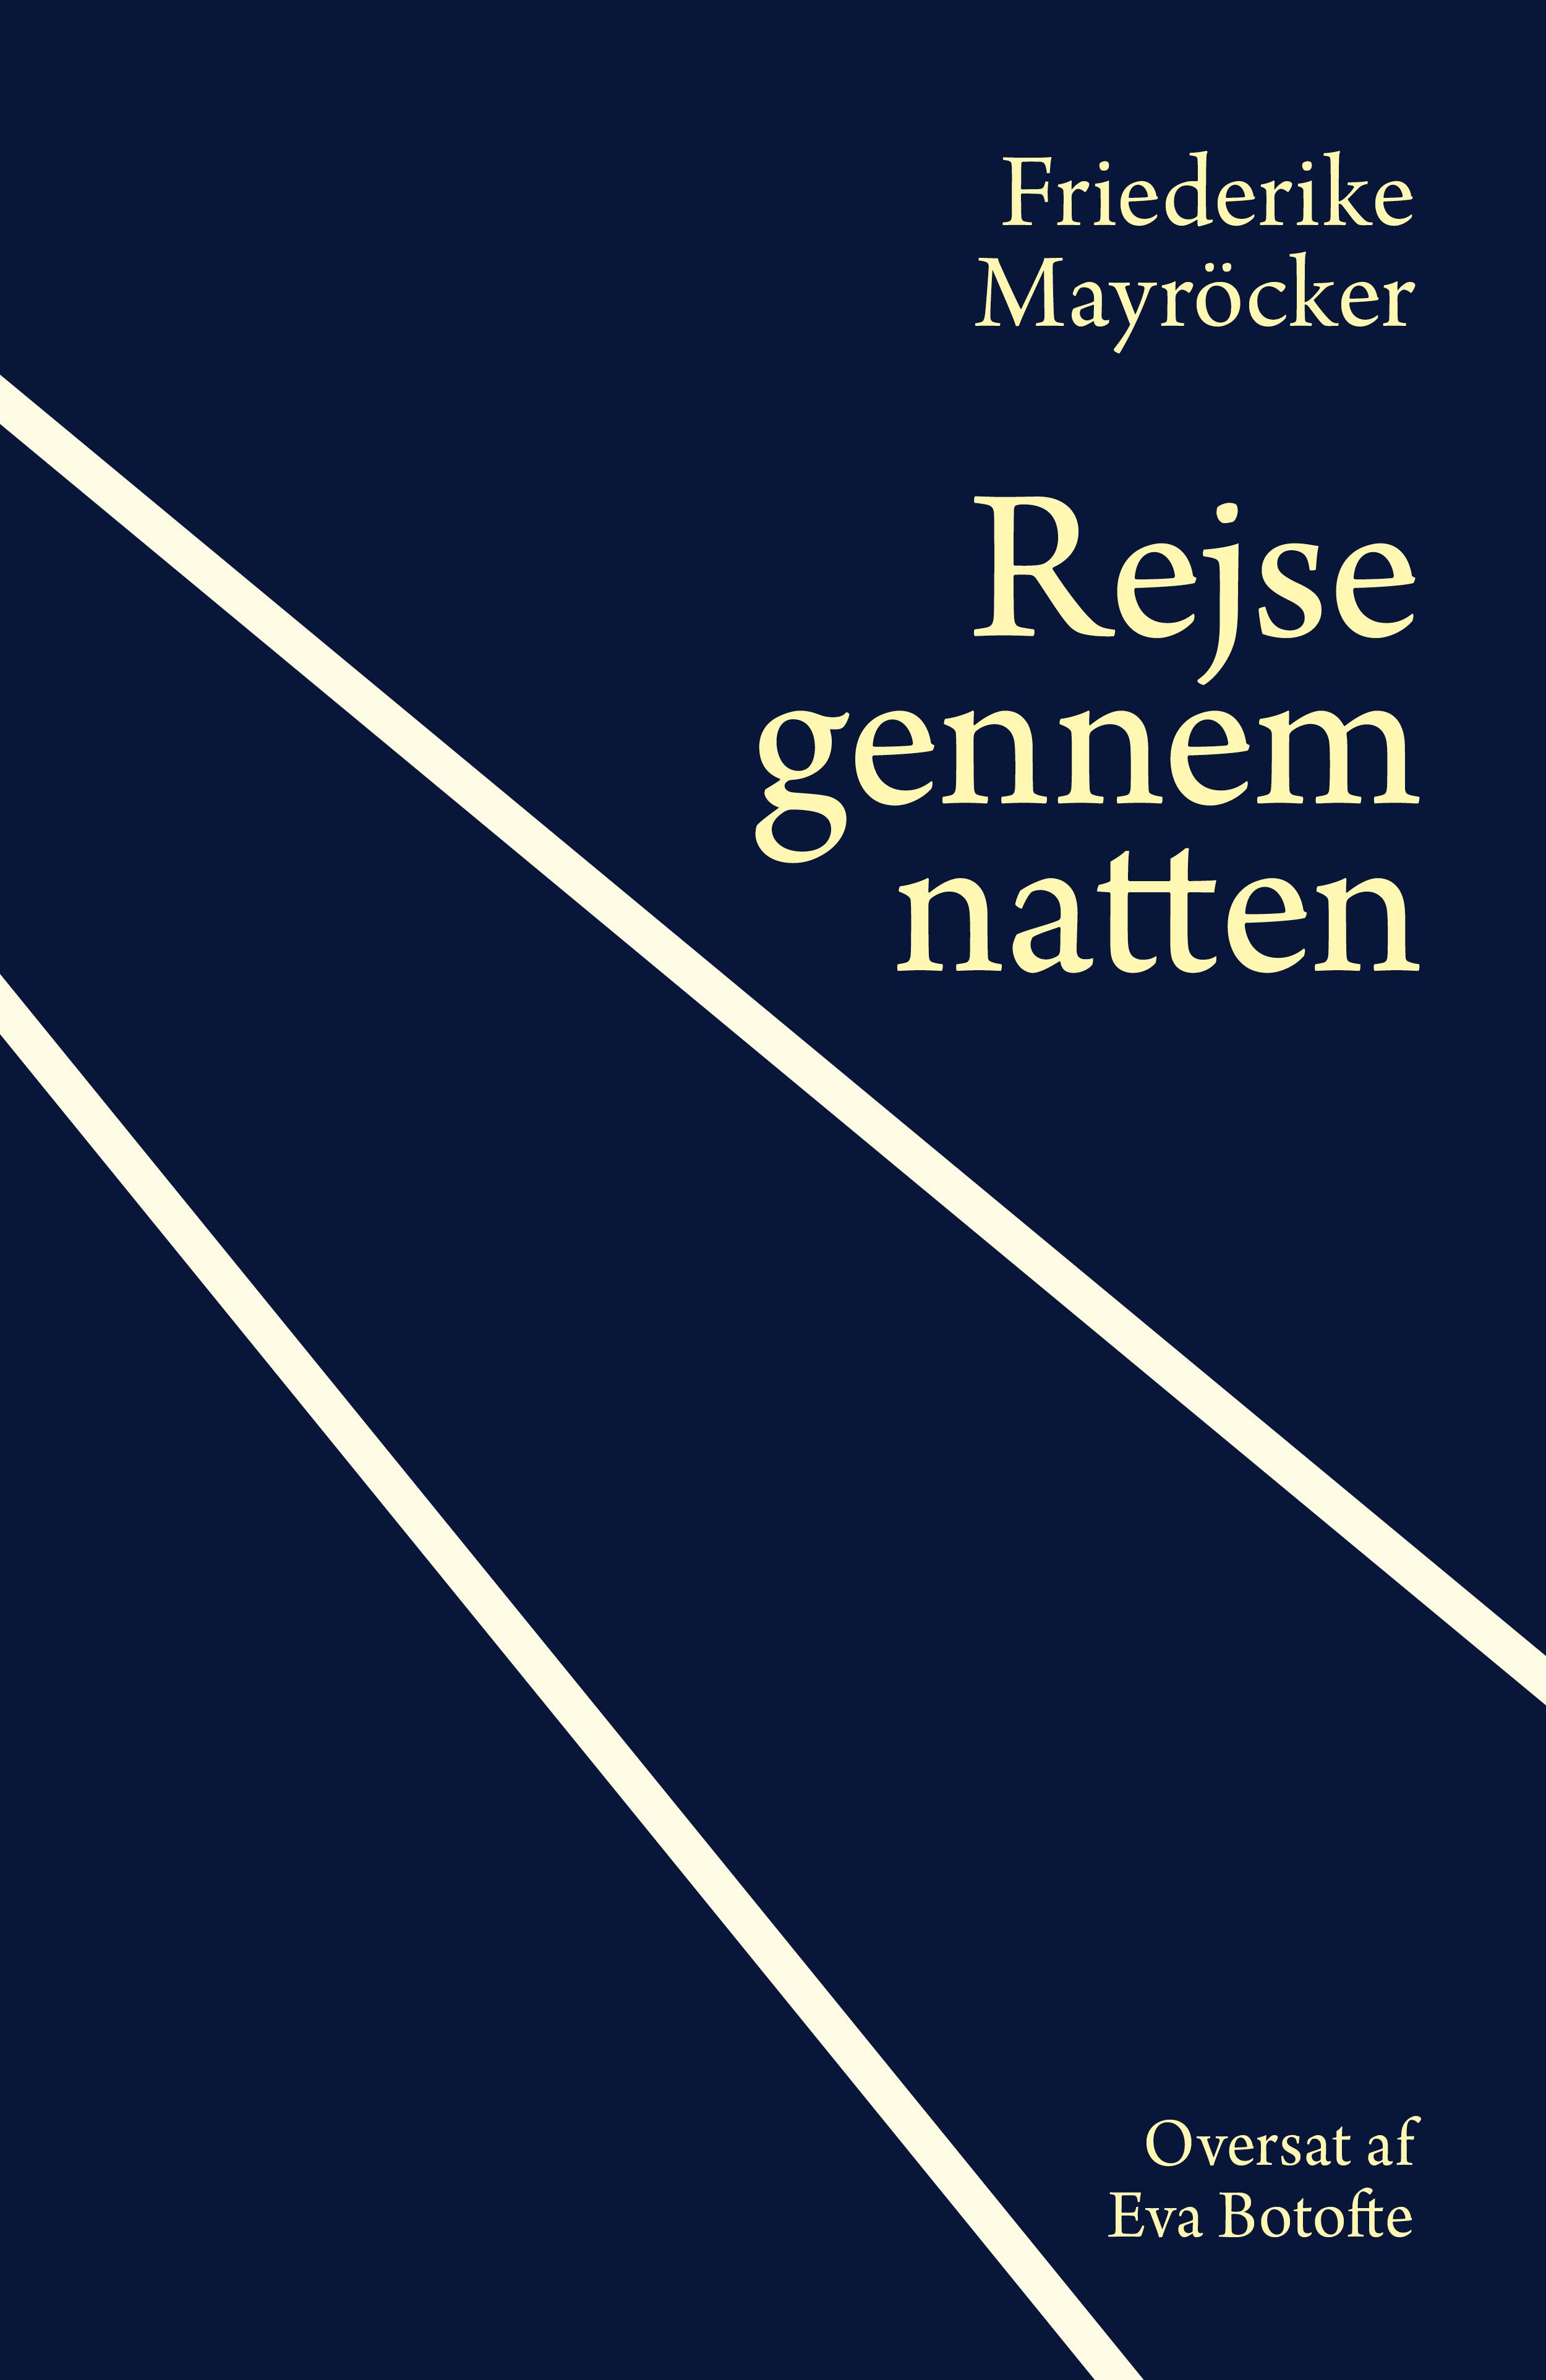 Rejse gennem natten - Friederike Mayröcker - Bøger - Forlaget Palomar - 9788799995554 - July 30, 2021